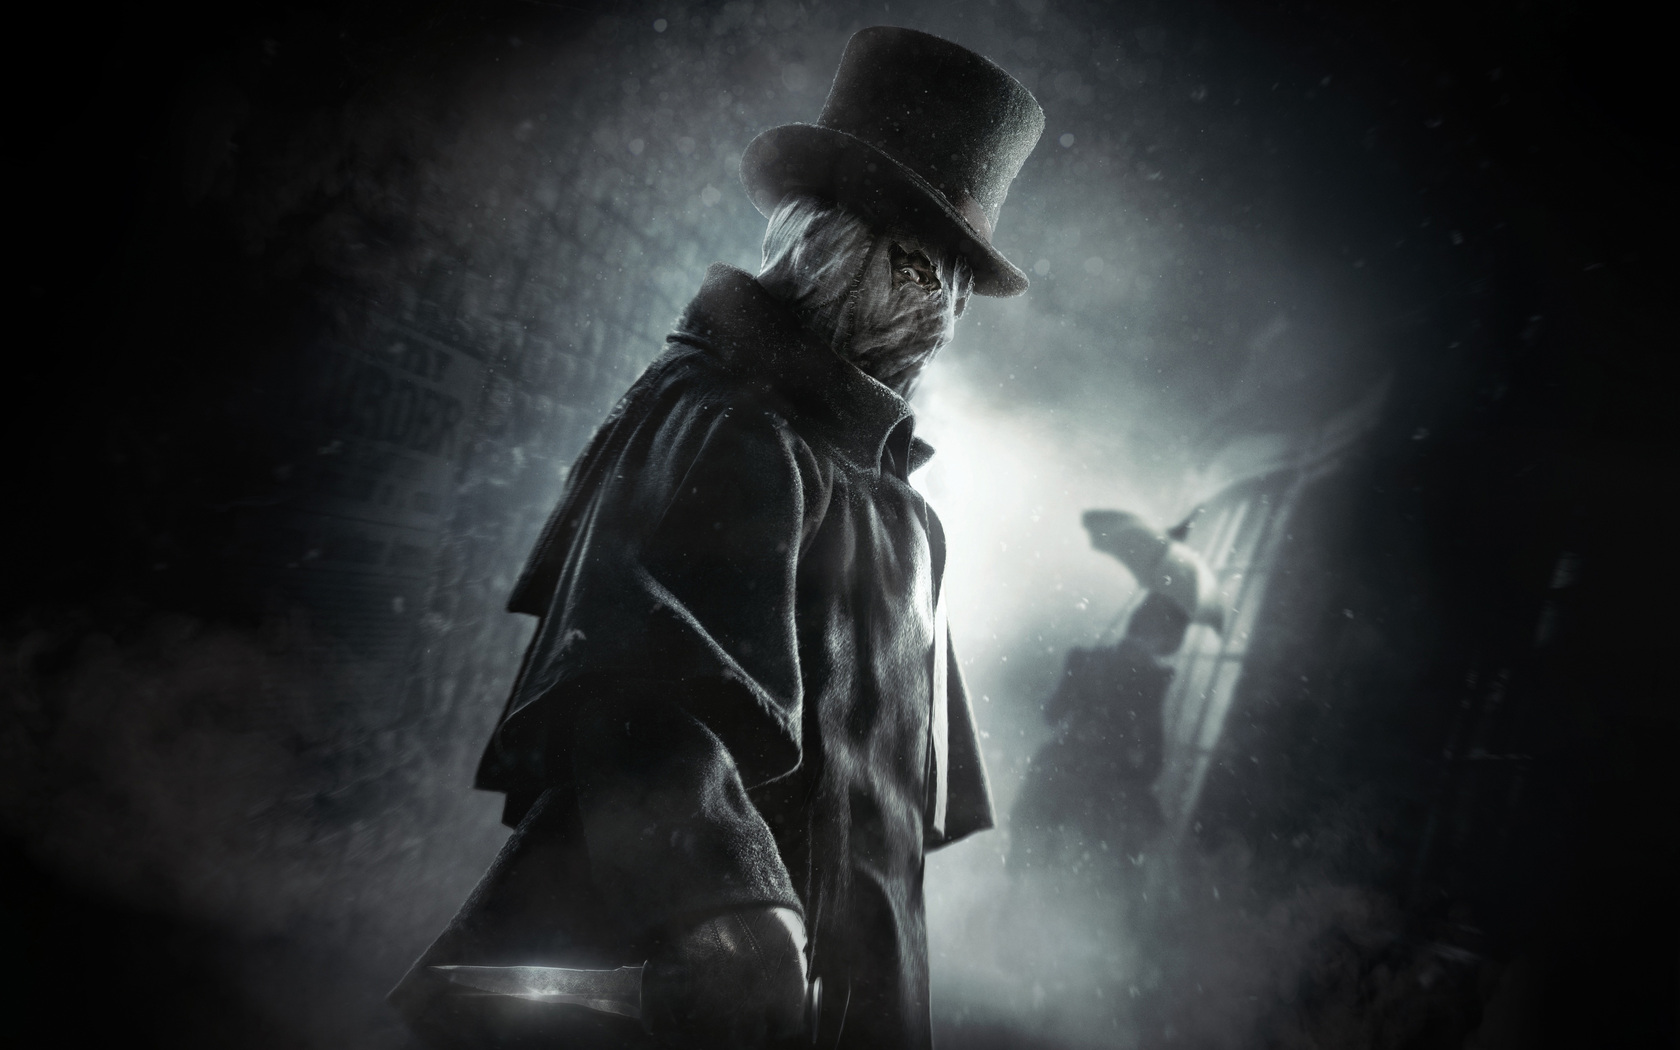 1680x1050 Rorschach Watchmen 4k